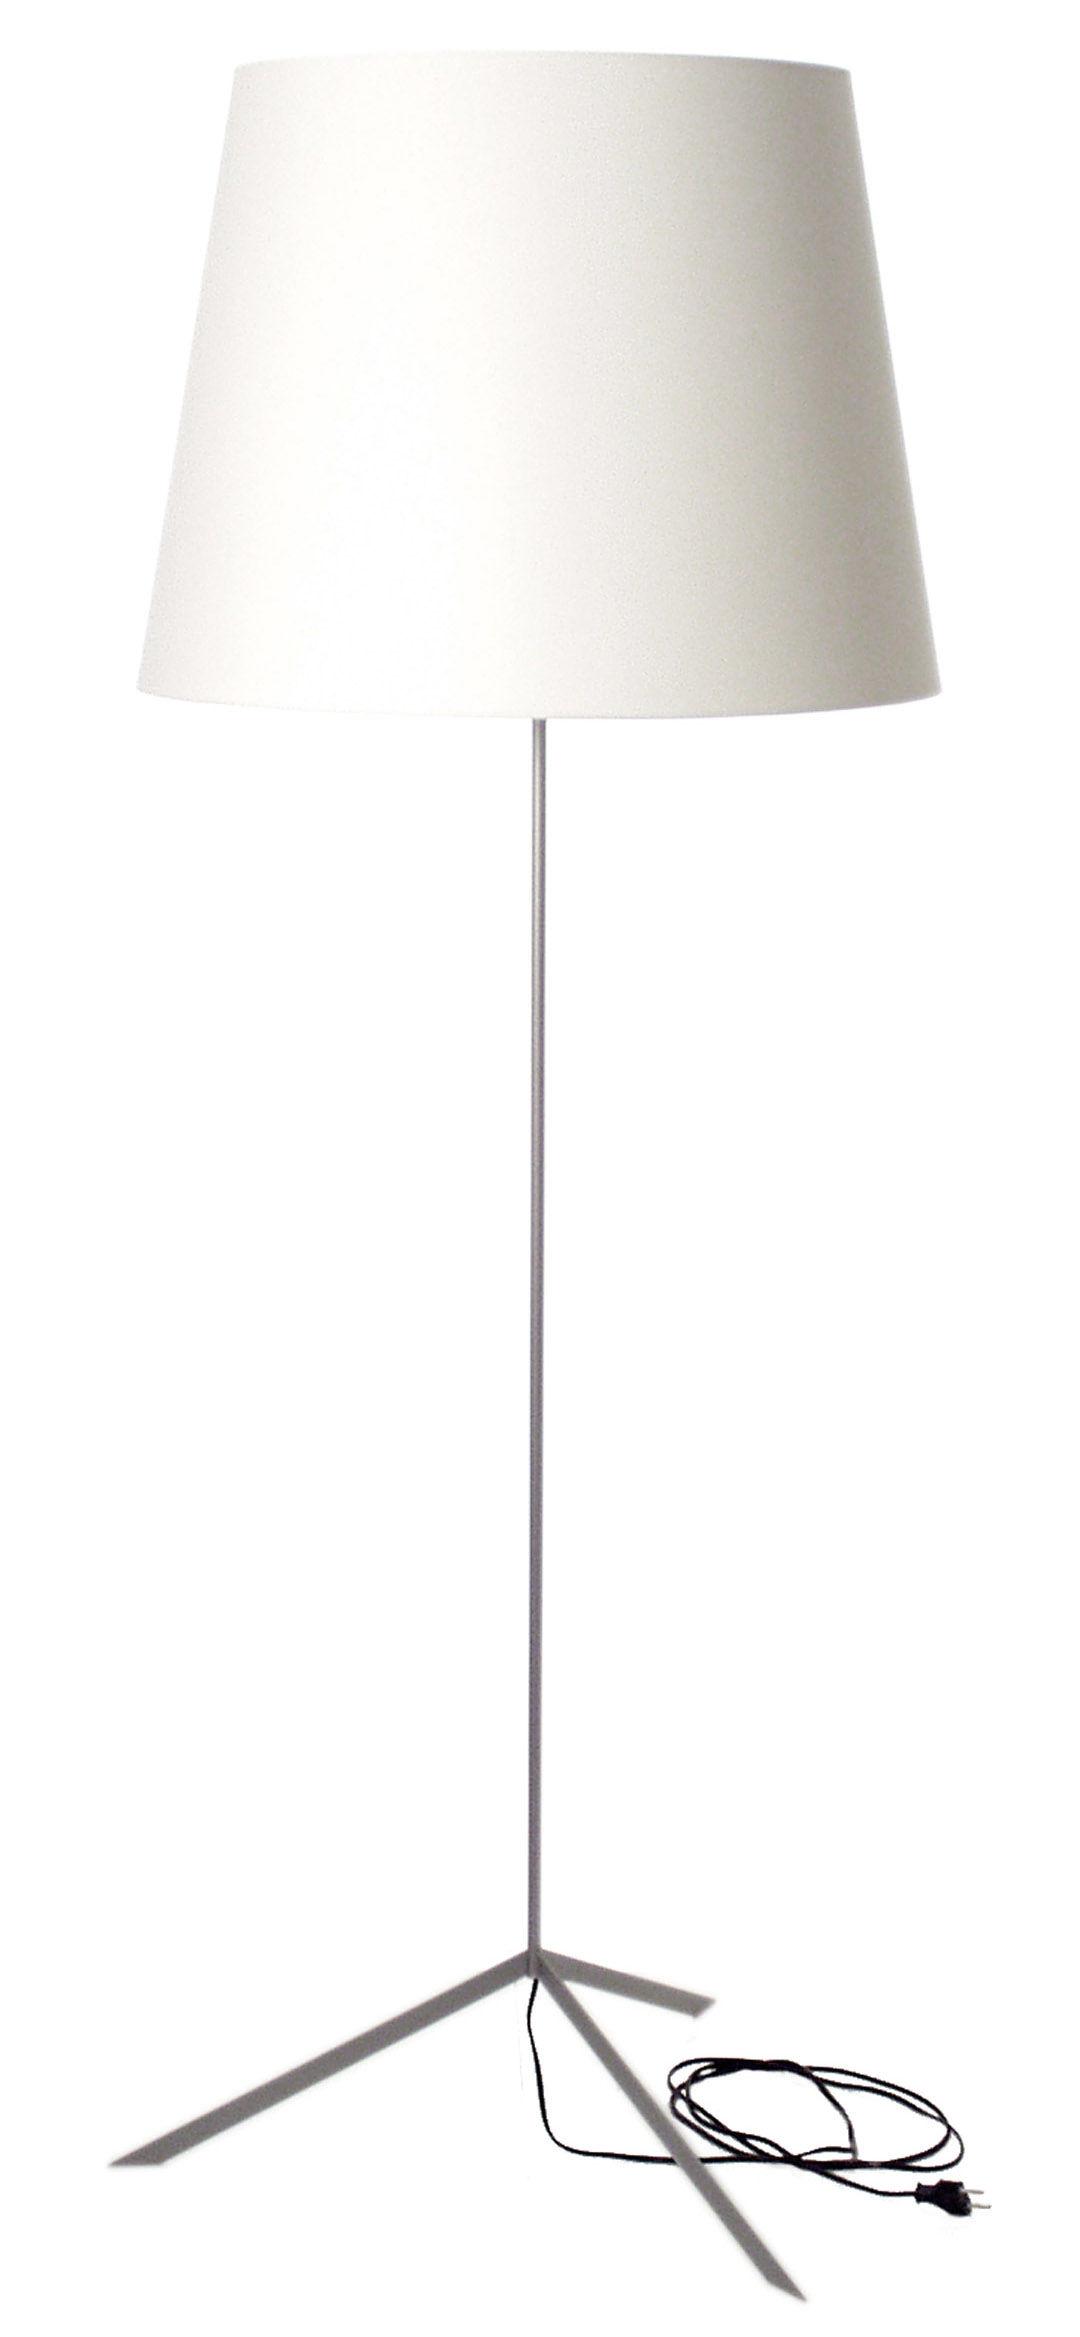 Illuminazione - Lampade da terra - Lampada a stelo Doubleshade di Moooi - Blanc - Acciaio cromato, Cotone